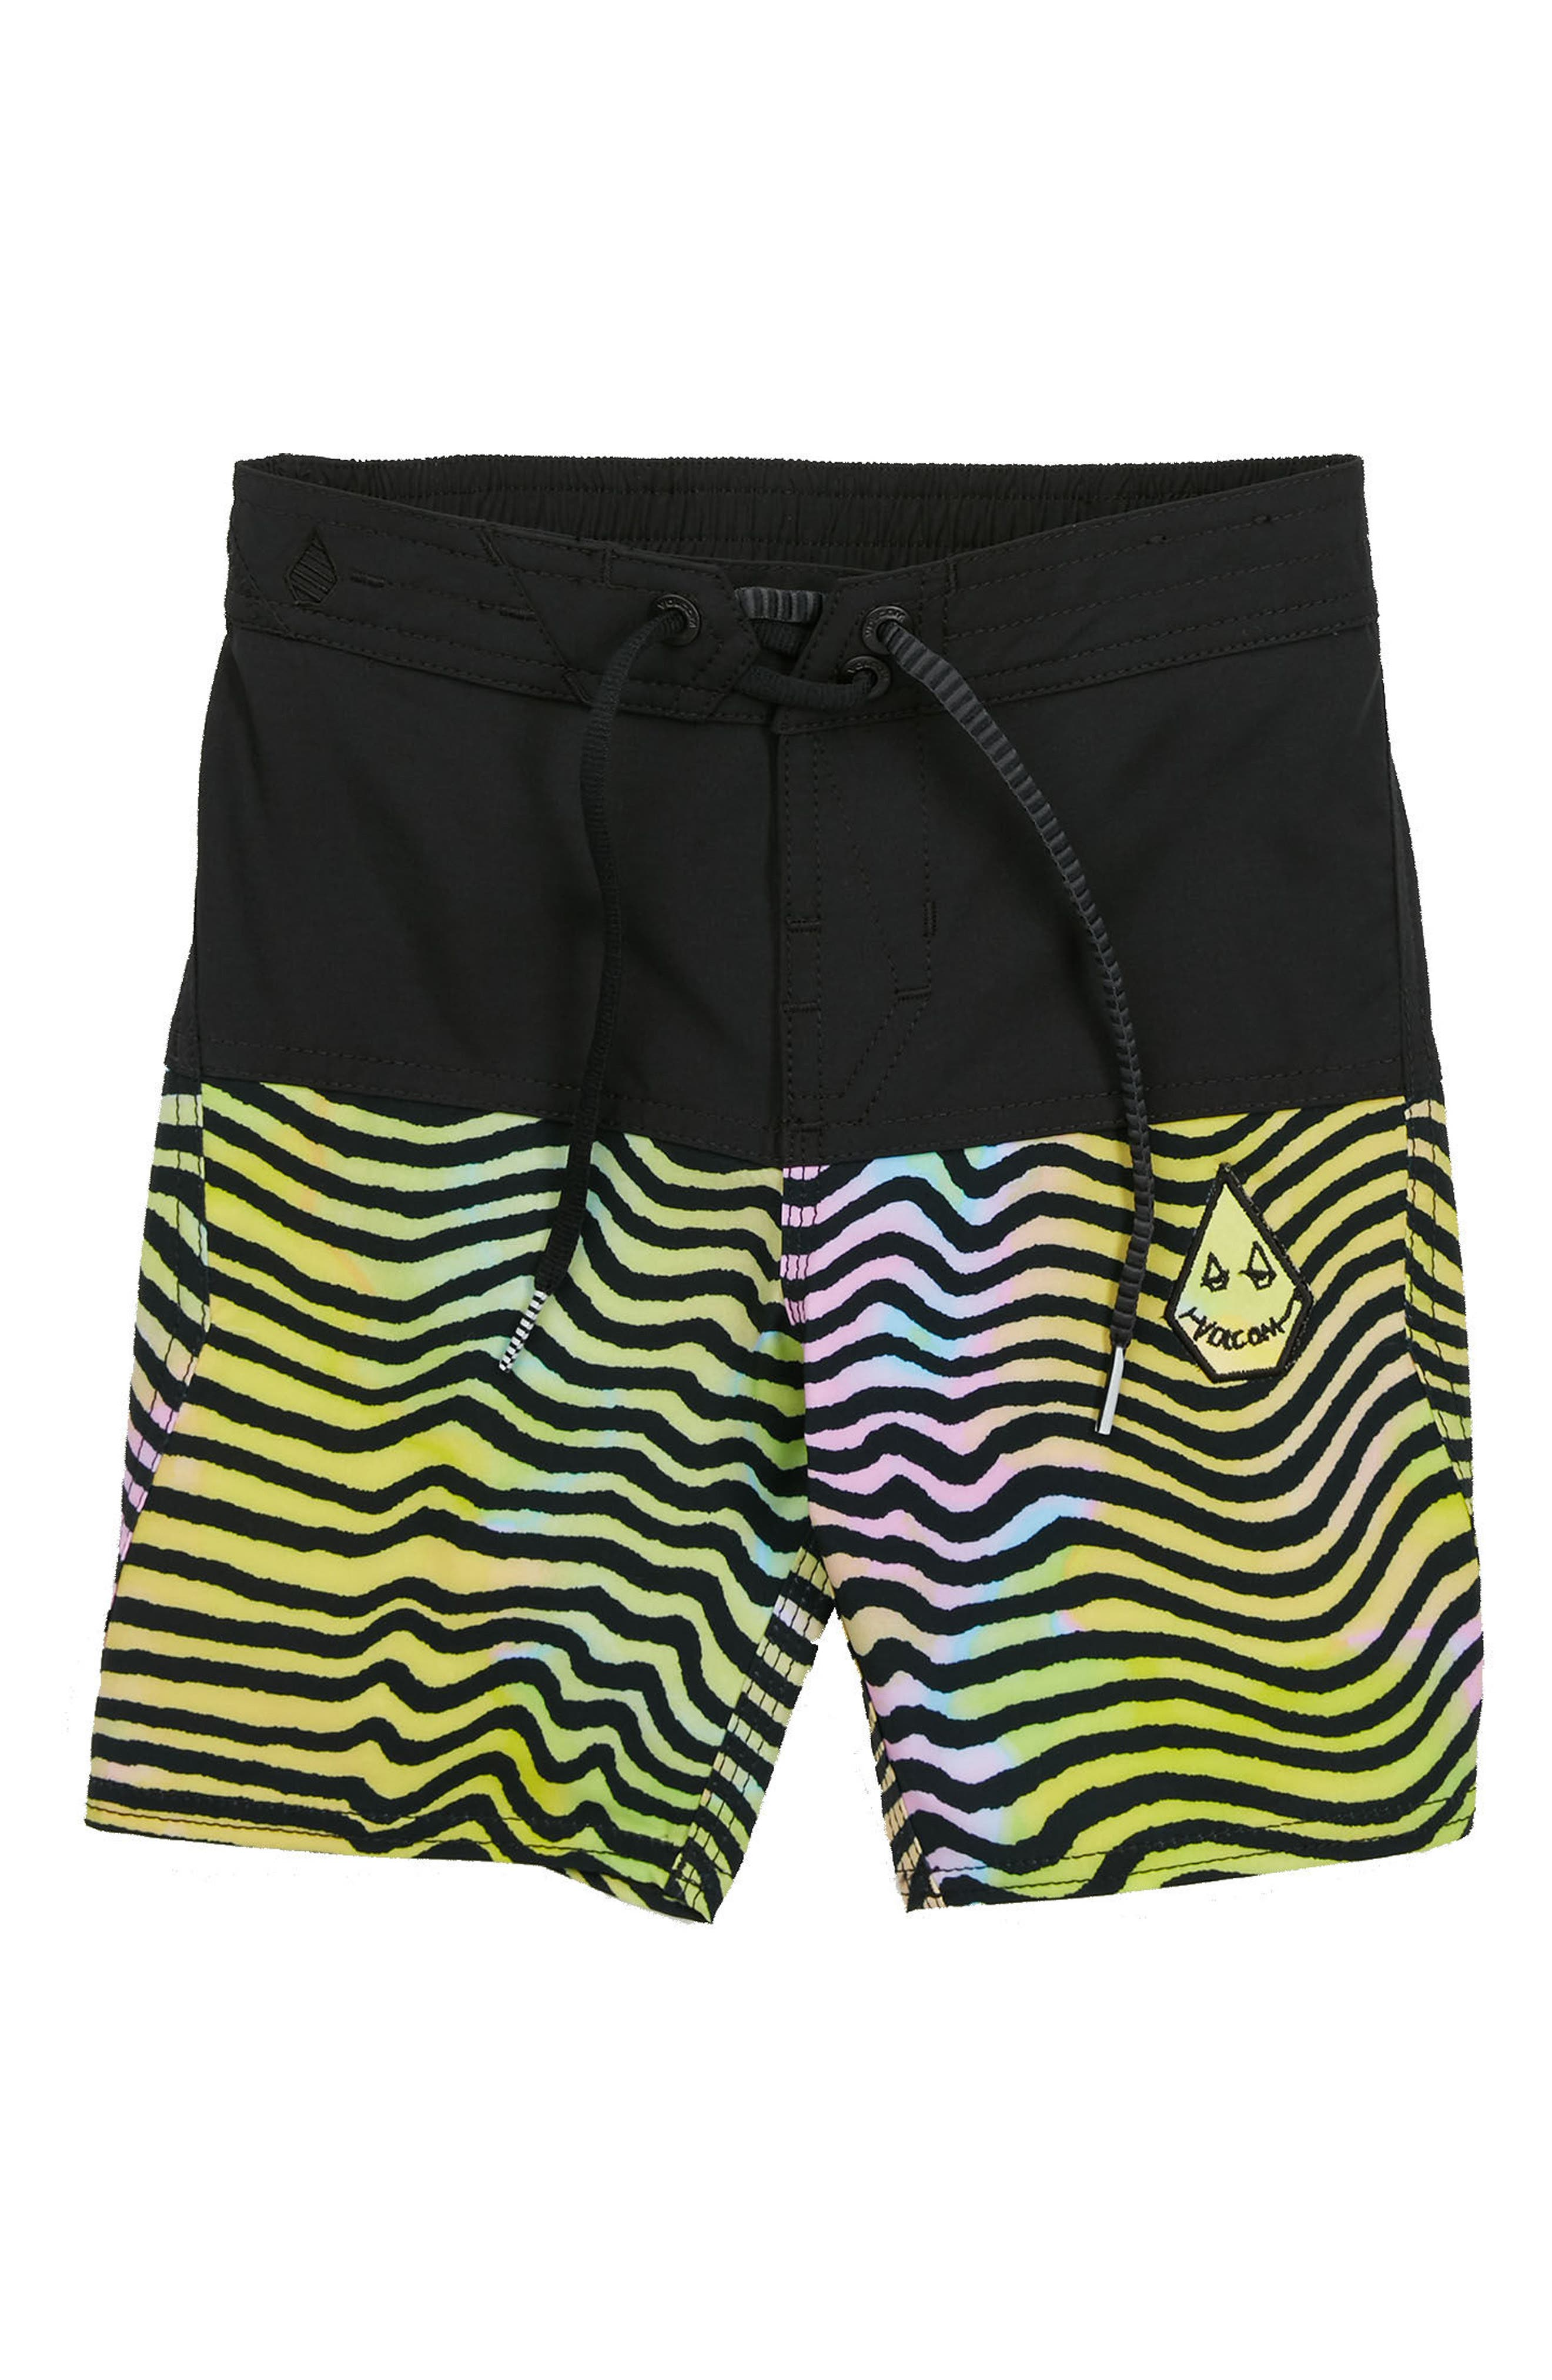 Vibes Board Shorts,                         Main,                         color, 001